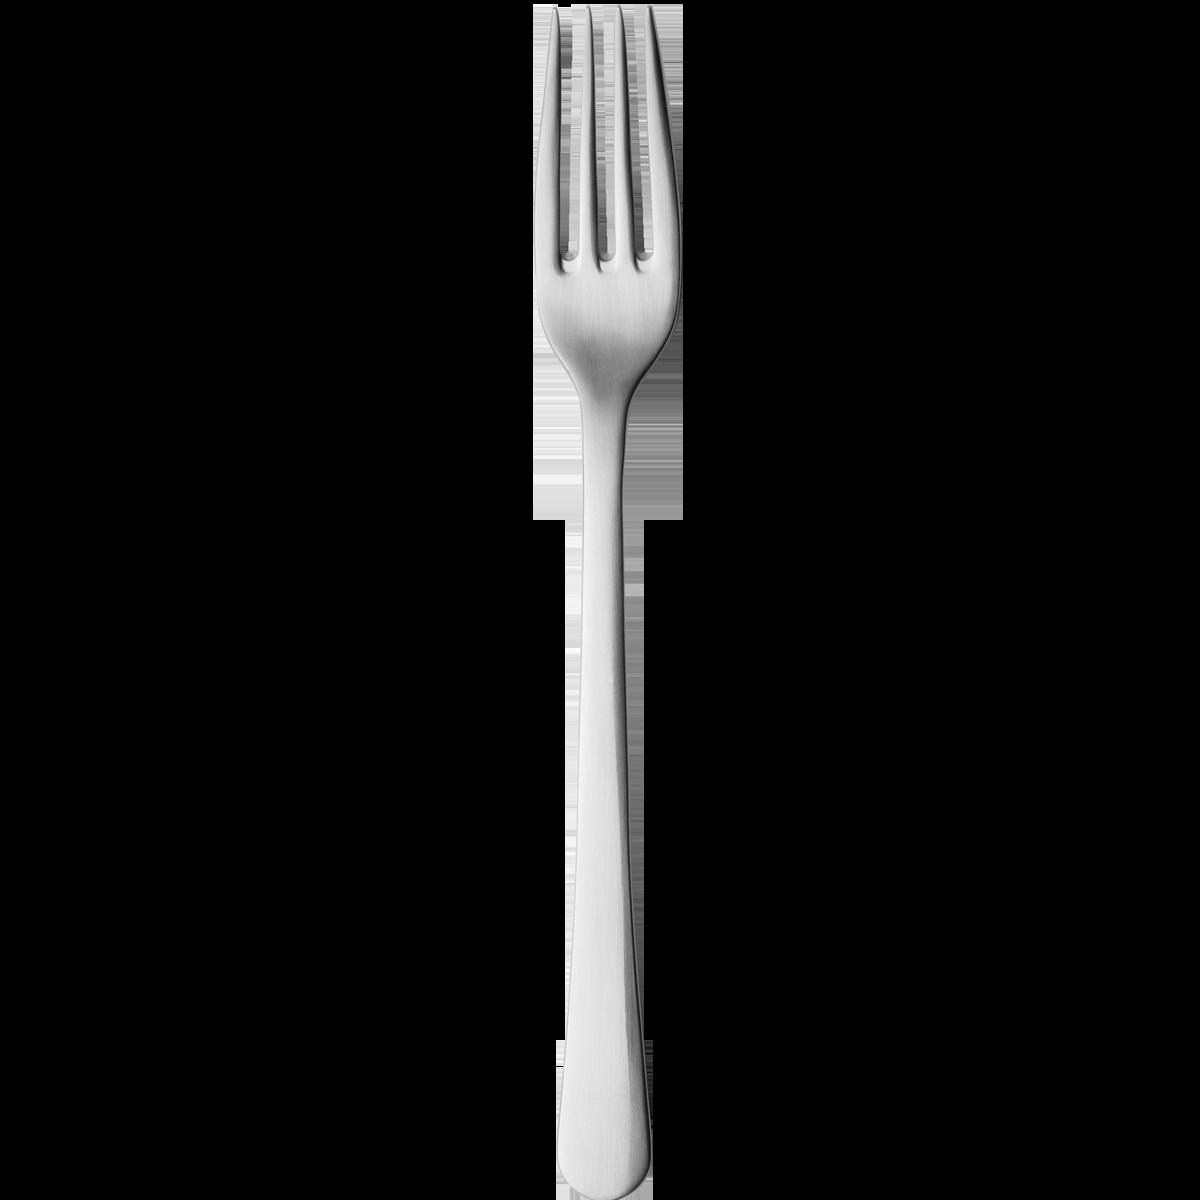 Forks images free fork picture download clip art 3